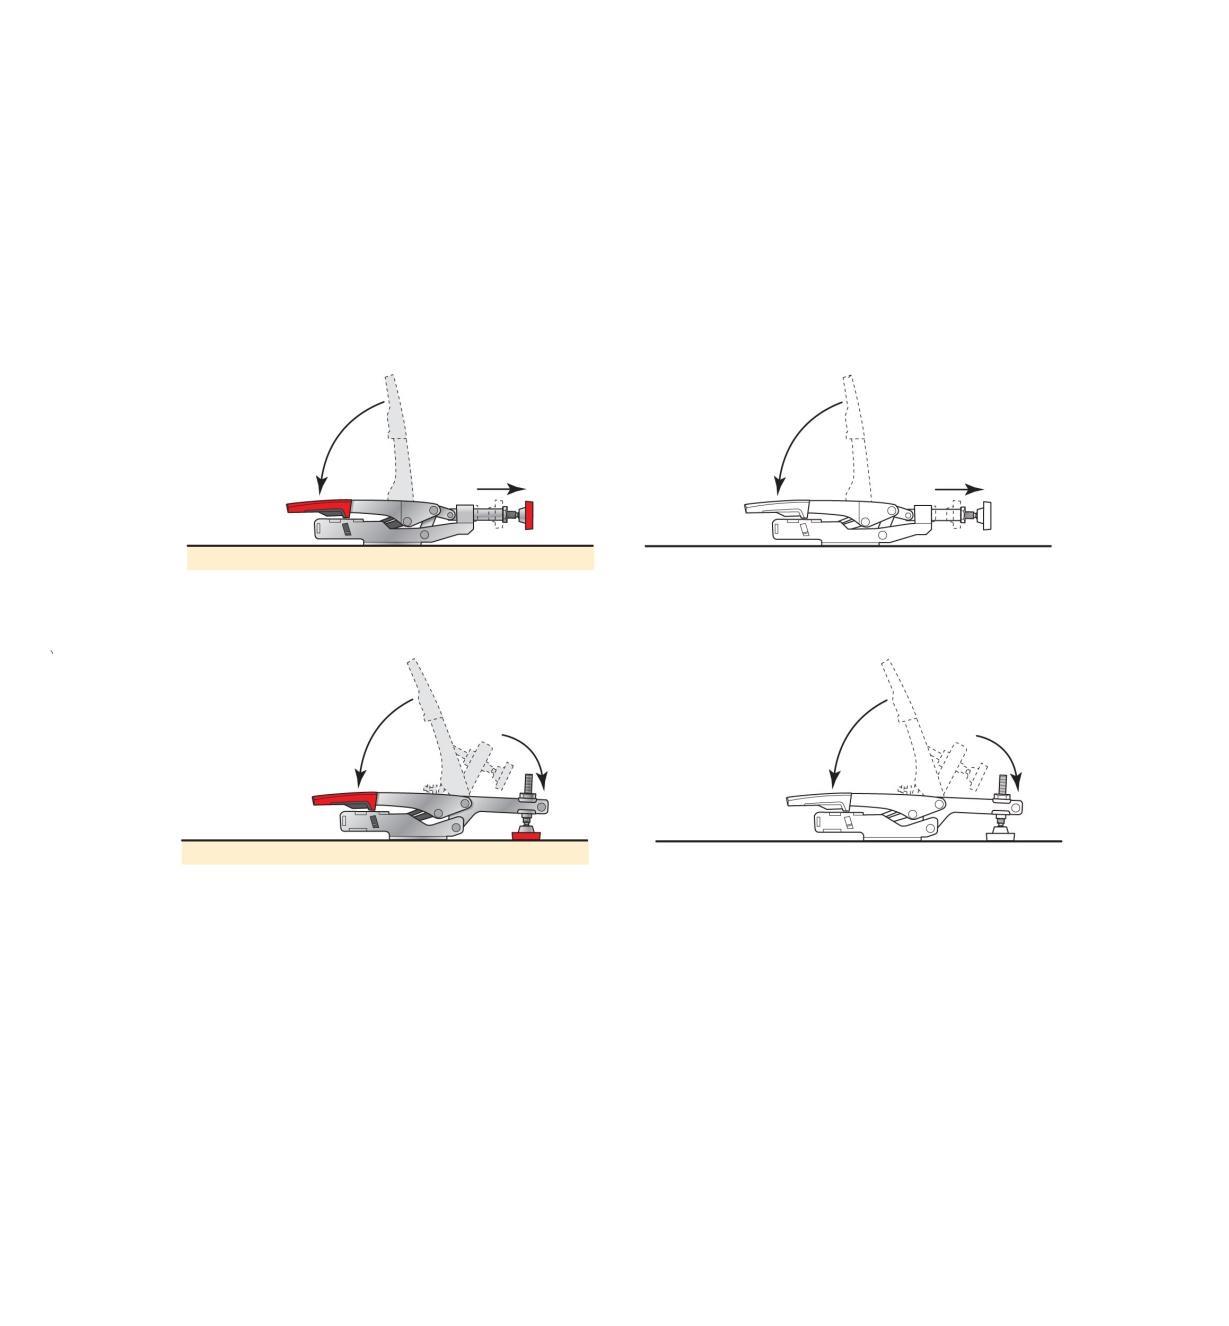 17F7201 - Sauterelle autoréglable horizontale, modèle bas Bessey